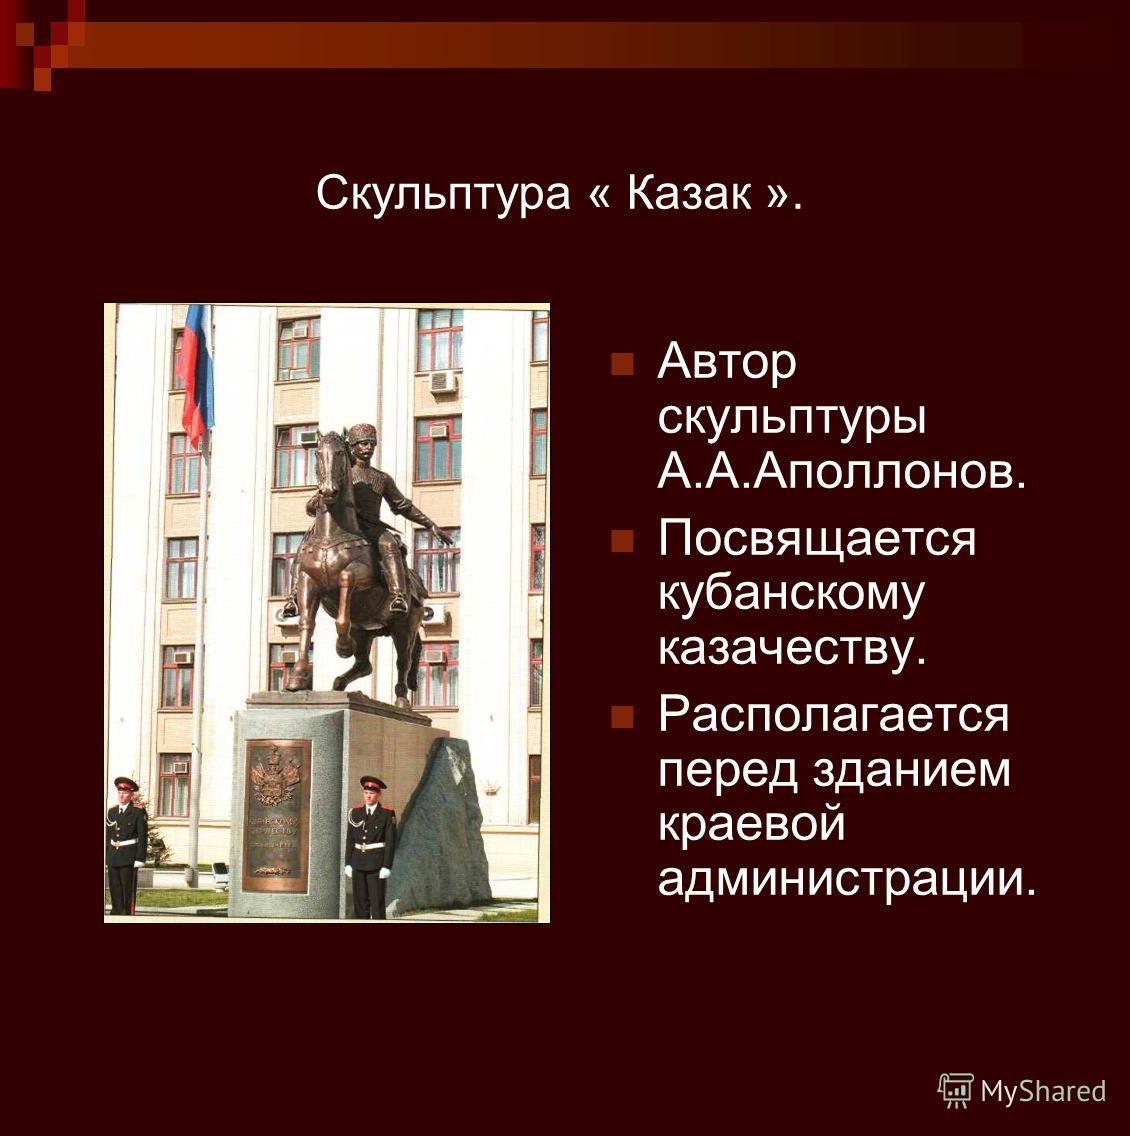 Скульптура « Казак ». Автор скульптуры А.А.Аполлонов. Посвящается кубанскому казачеству. Располагается перед зданием краевой администрации.